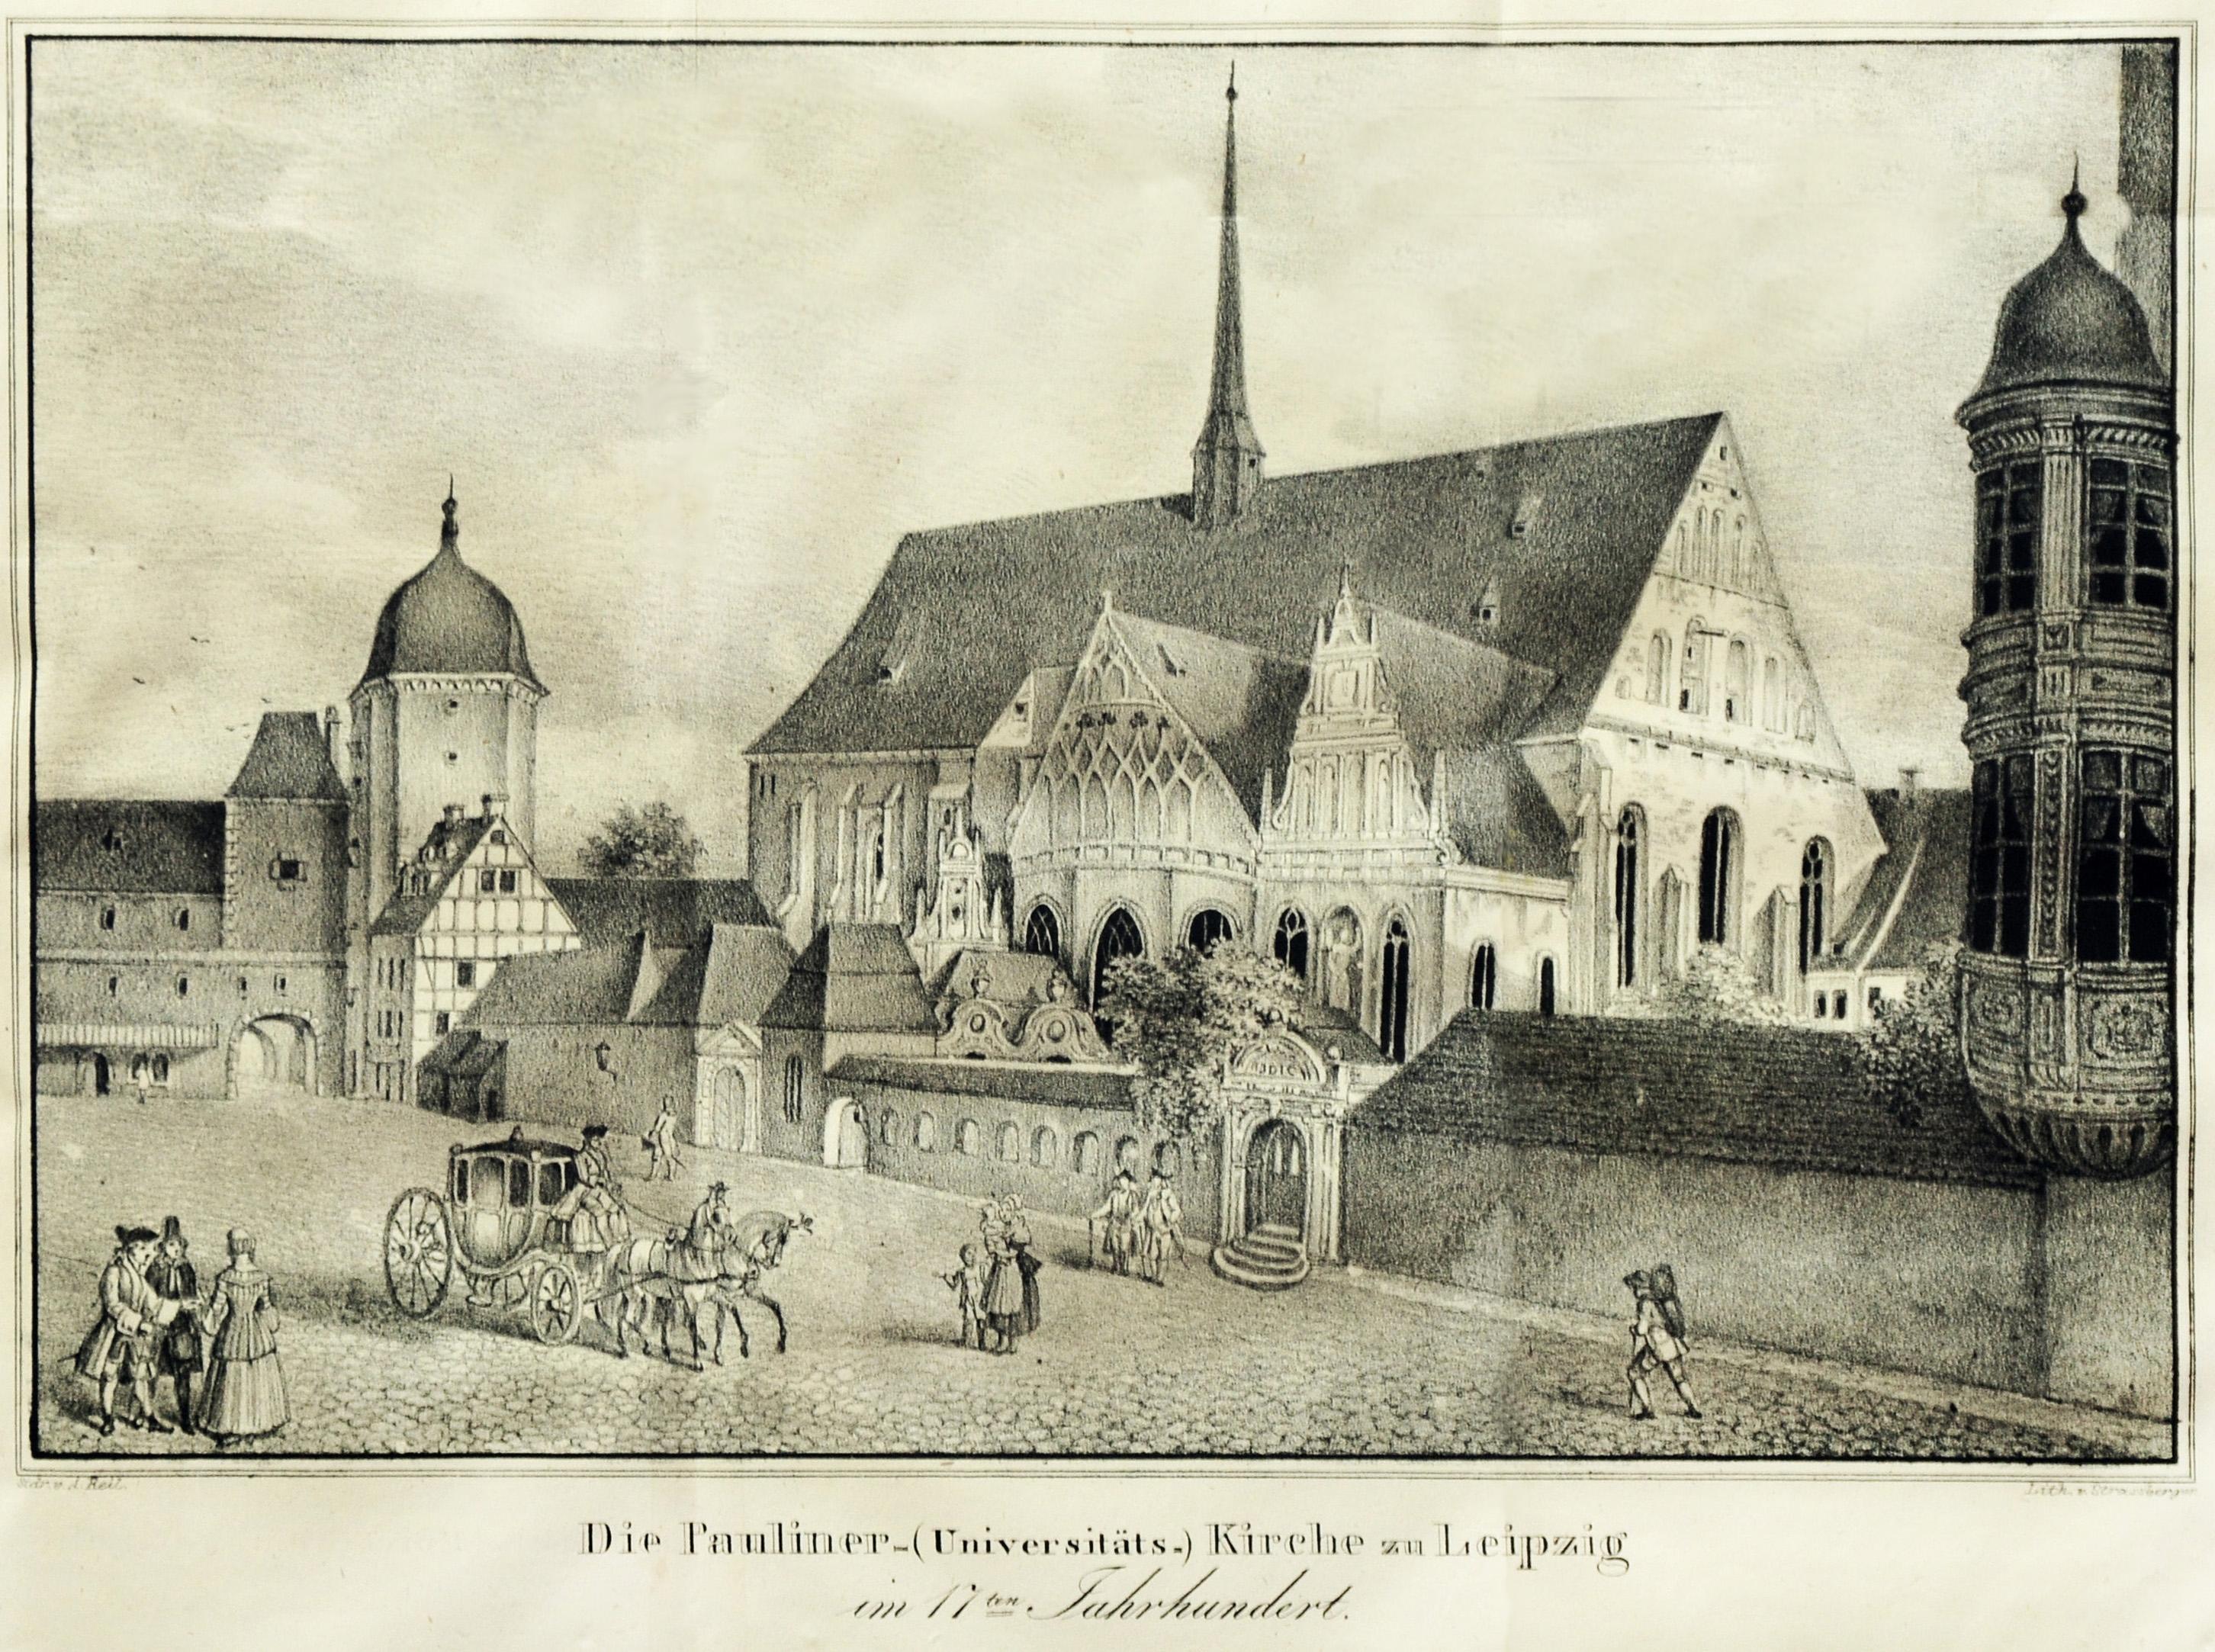 Paulinerkirche en Leipzig: en 1717 Bach probó el nuevo órgano en esta iglesia